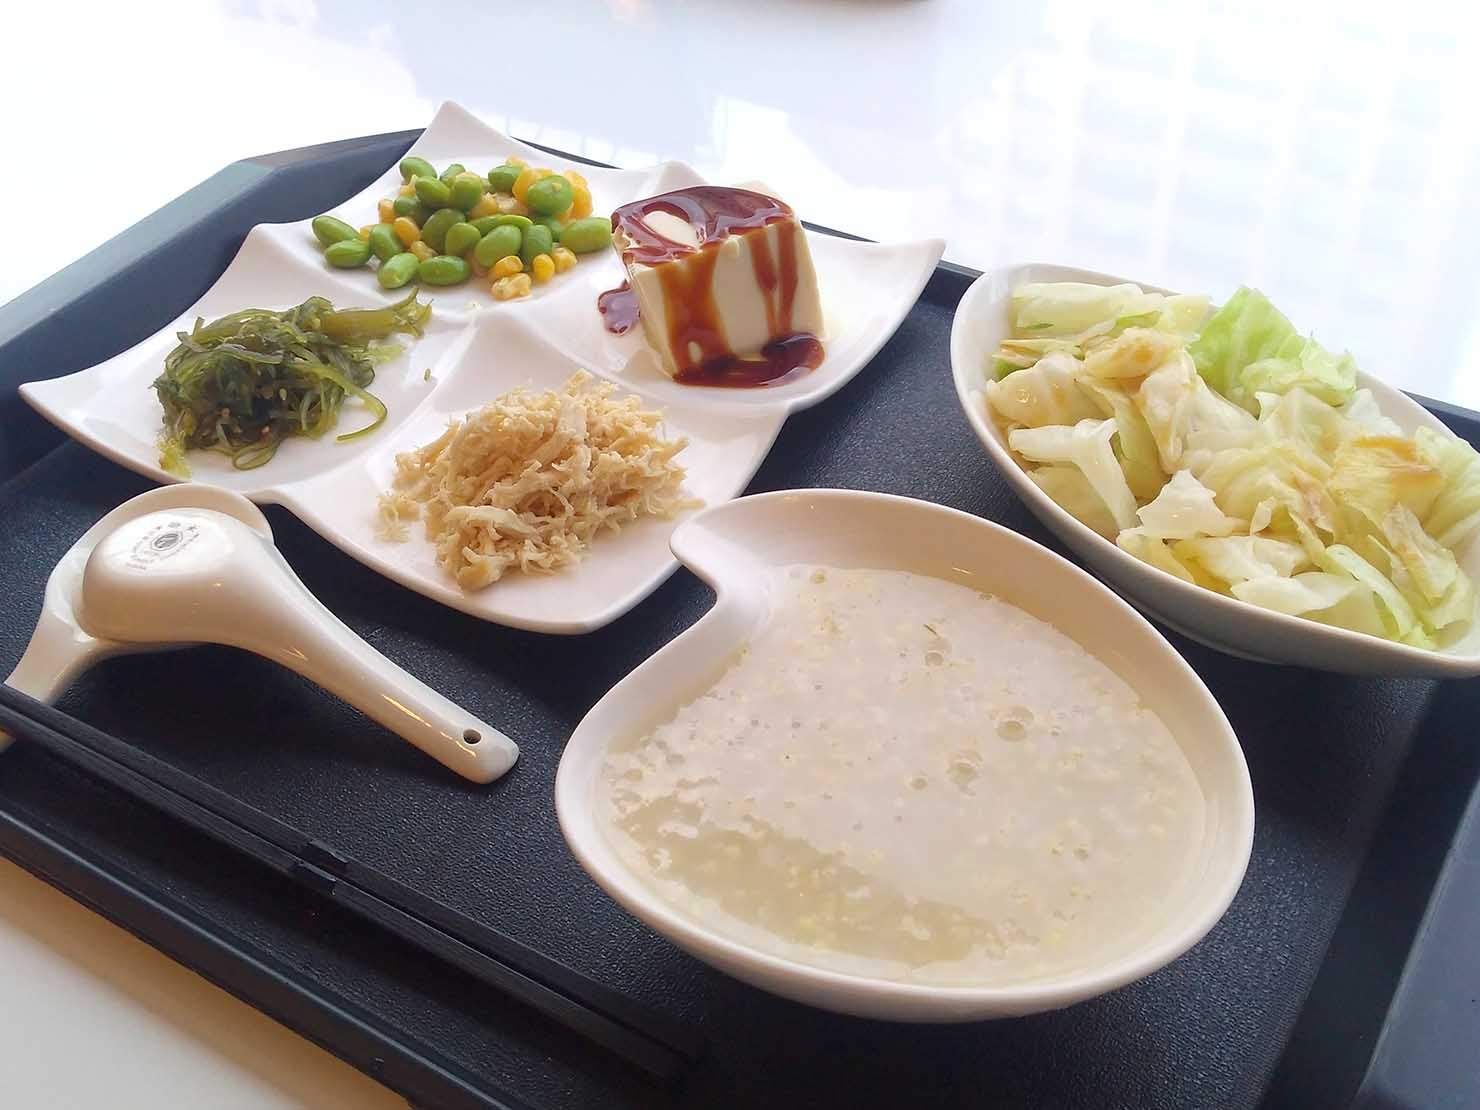 台湾の健康診断センター「國泰健康管理」のカフェテリアでいただく台湾式朝ごはん